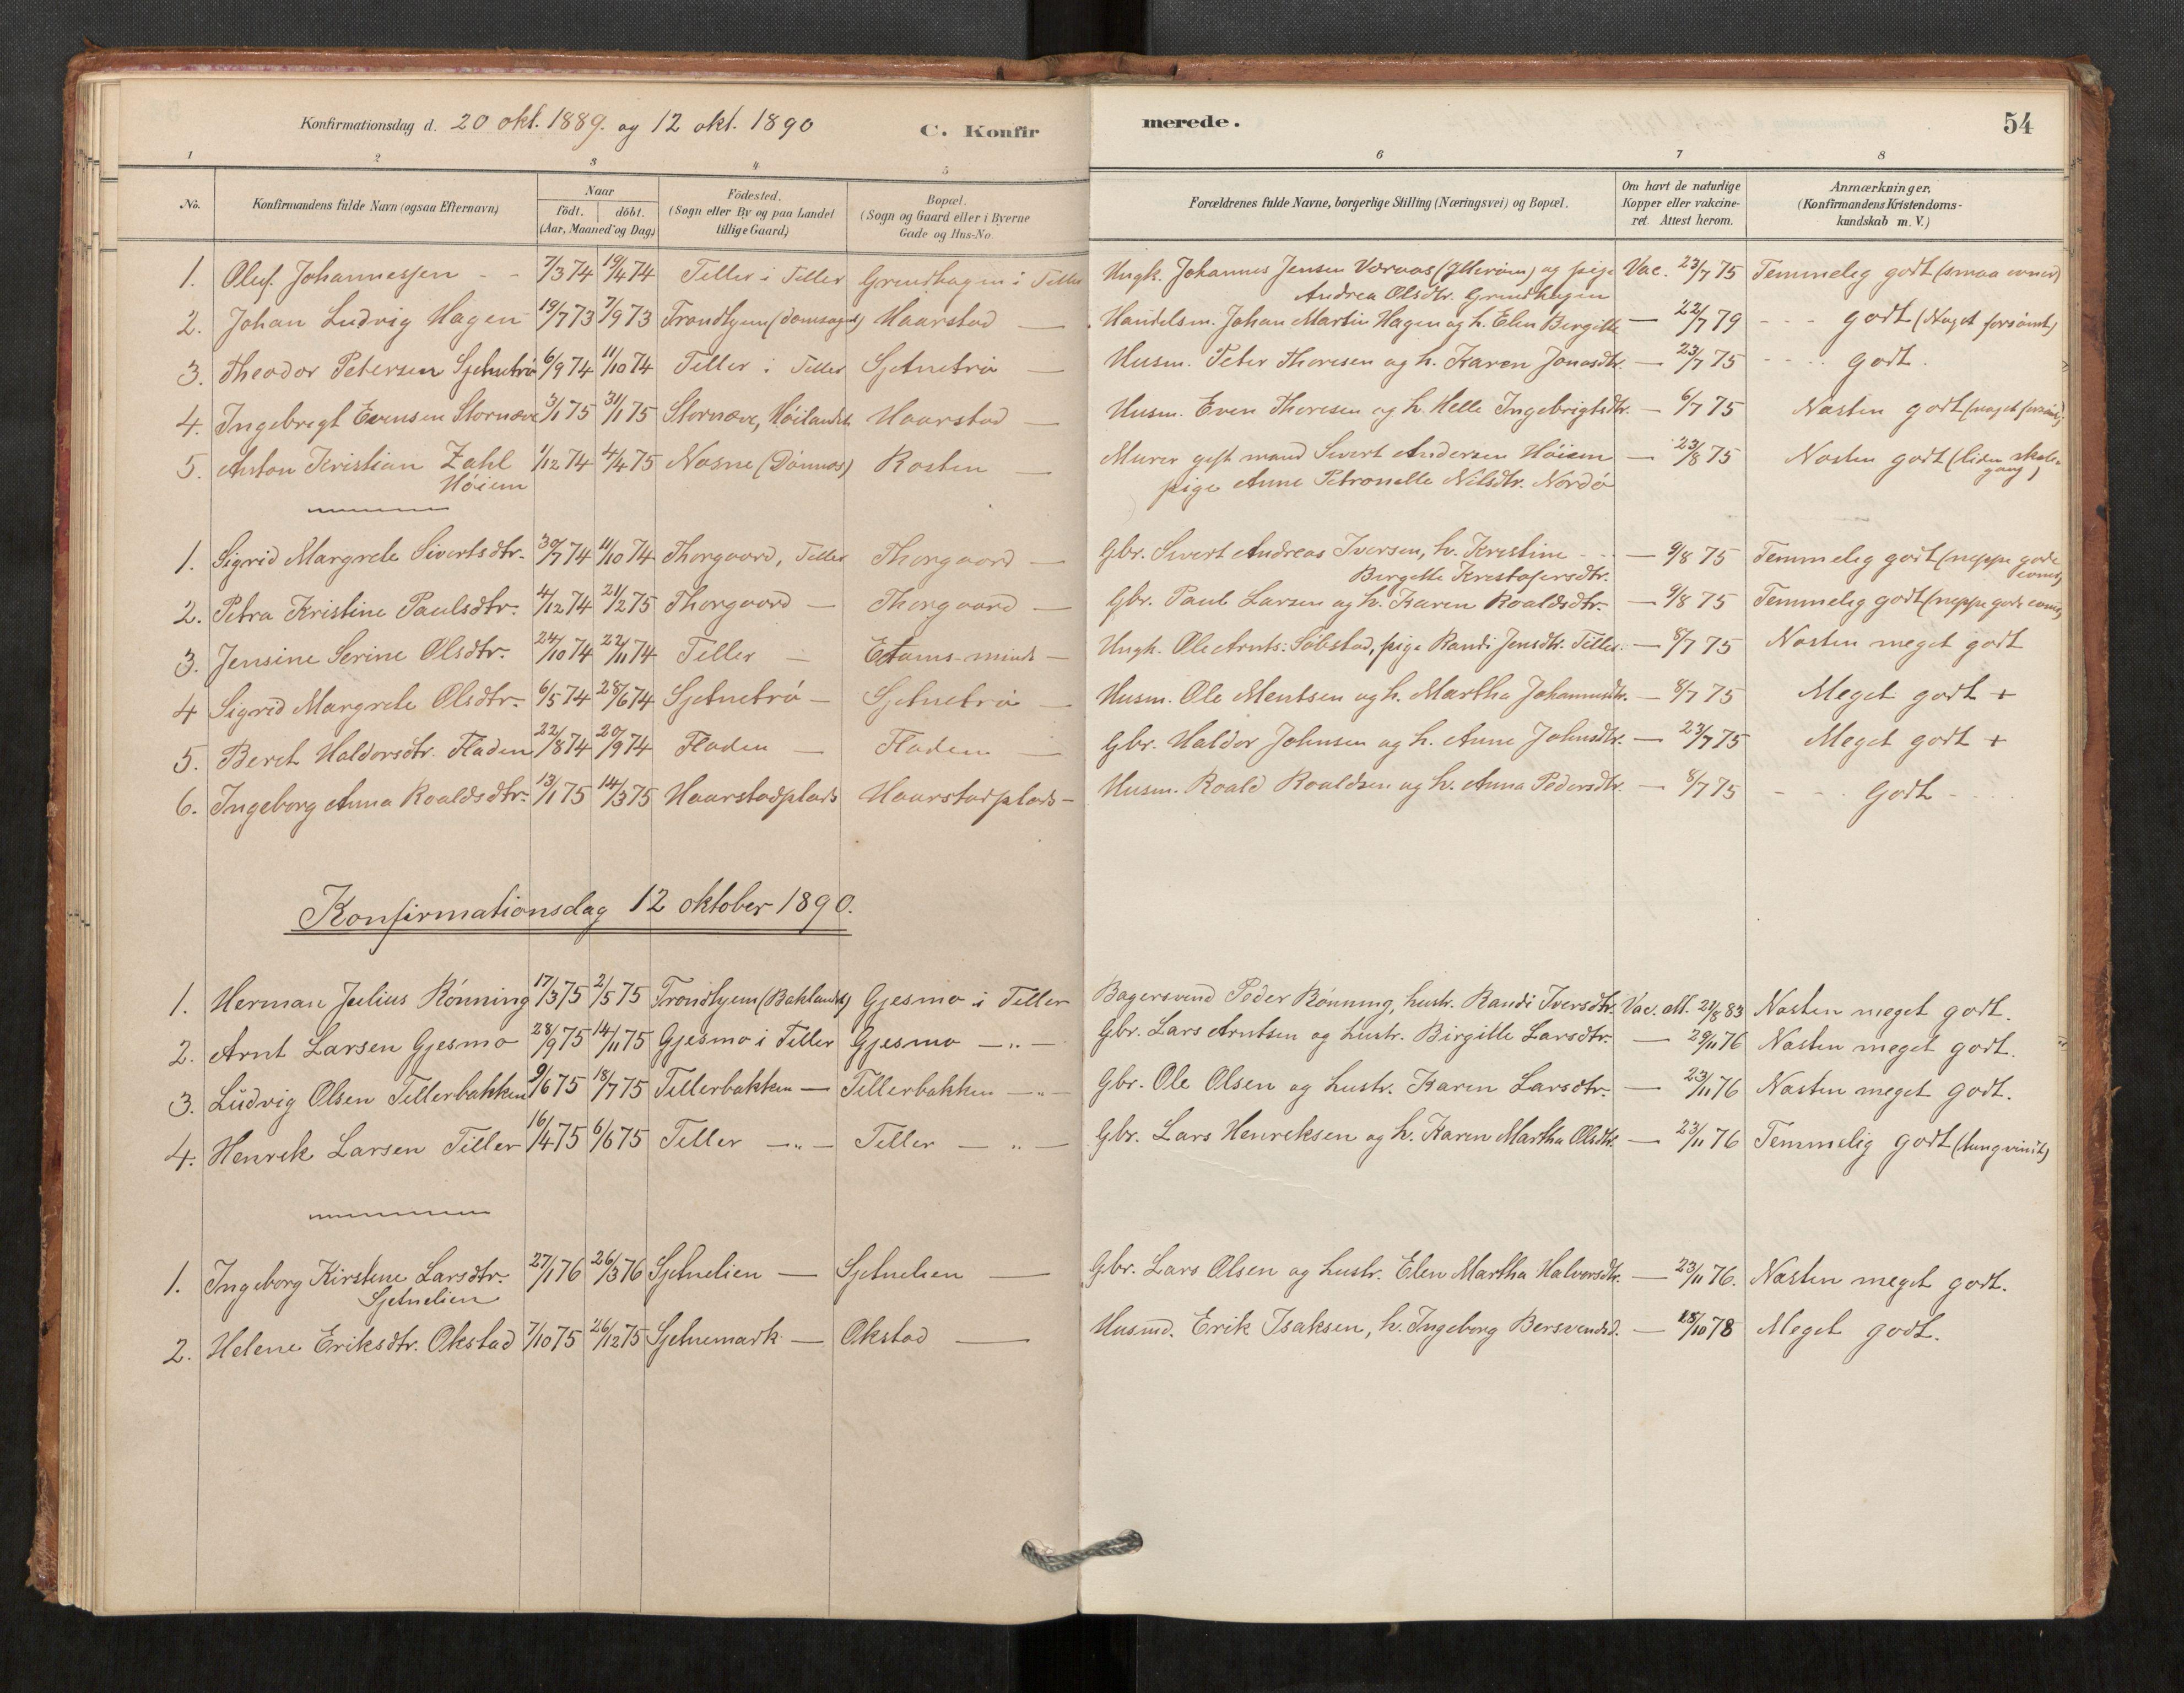 SAT, Klæbu sokneprestkontor, Parish register (official) no. 1, 1880-1900, p. 54